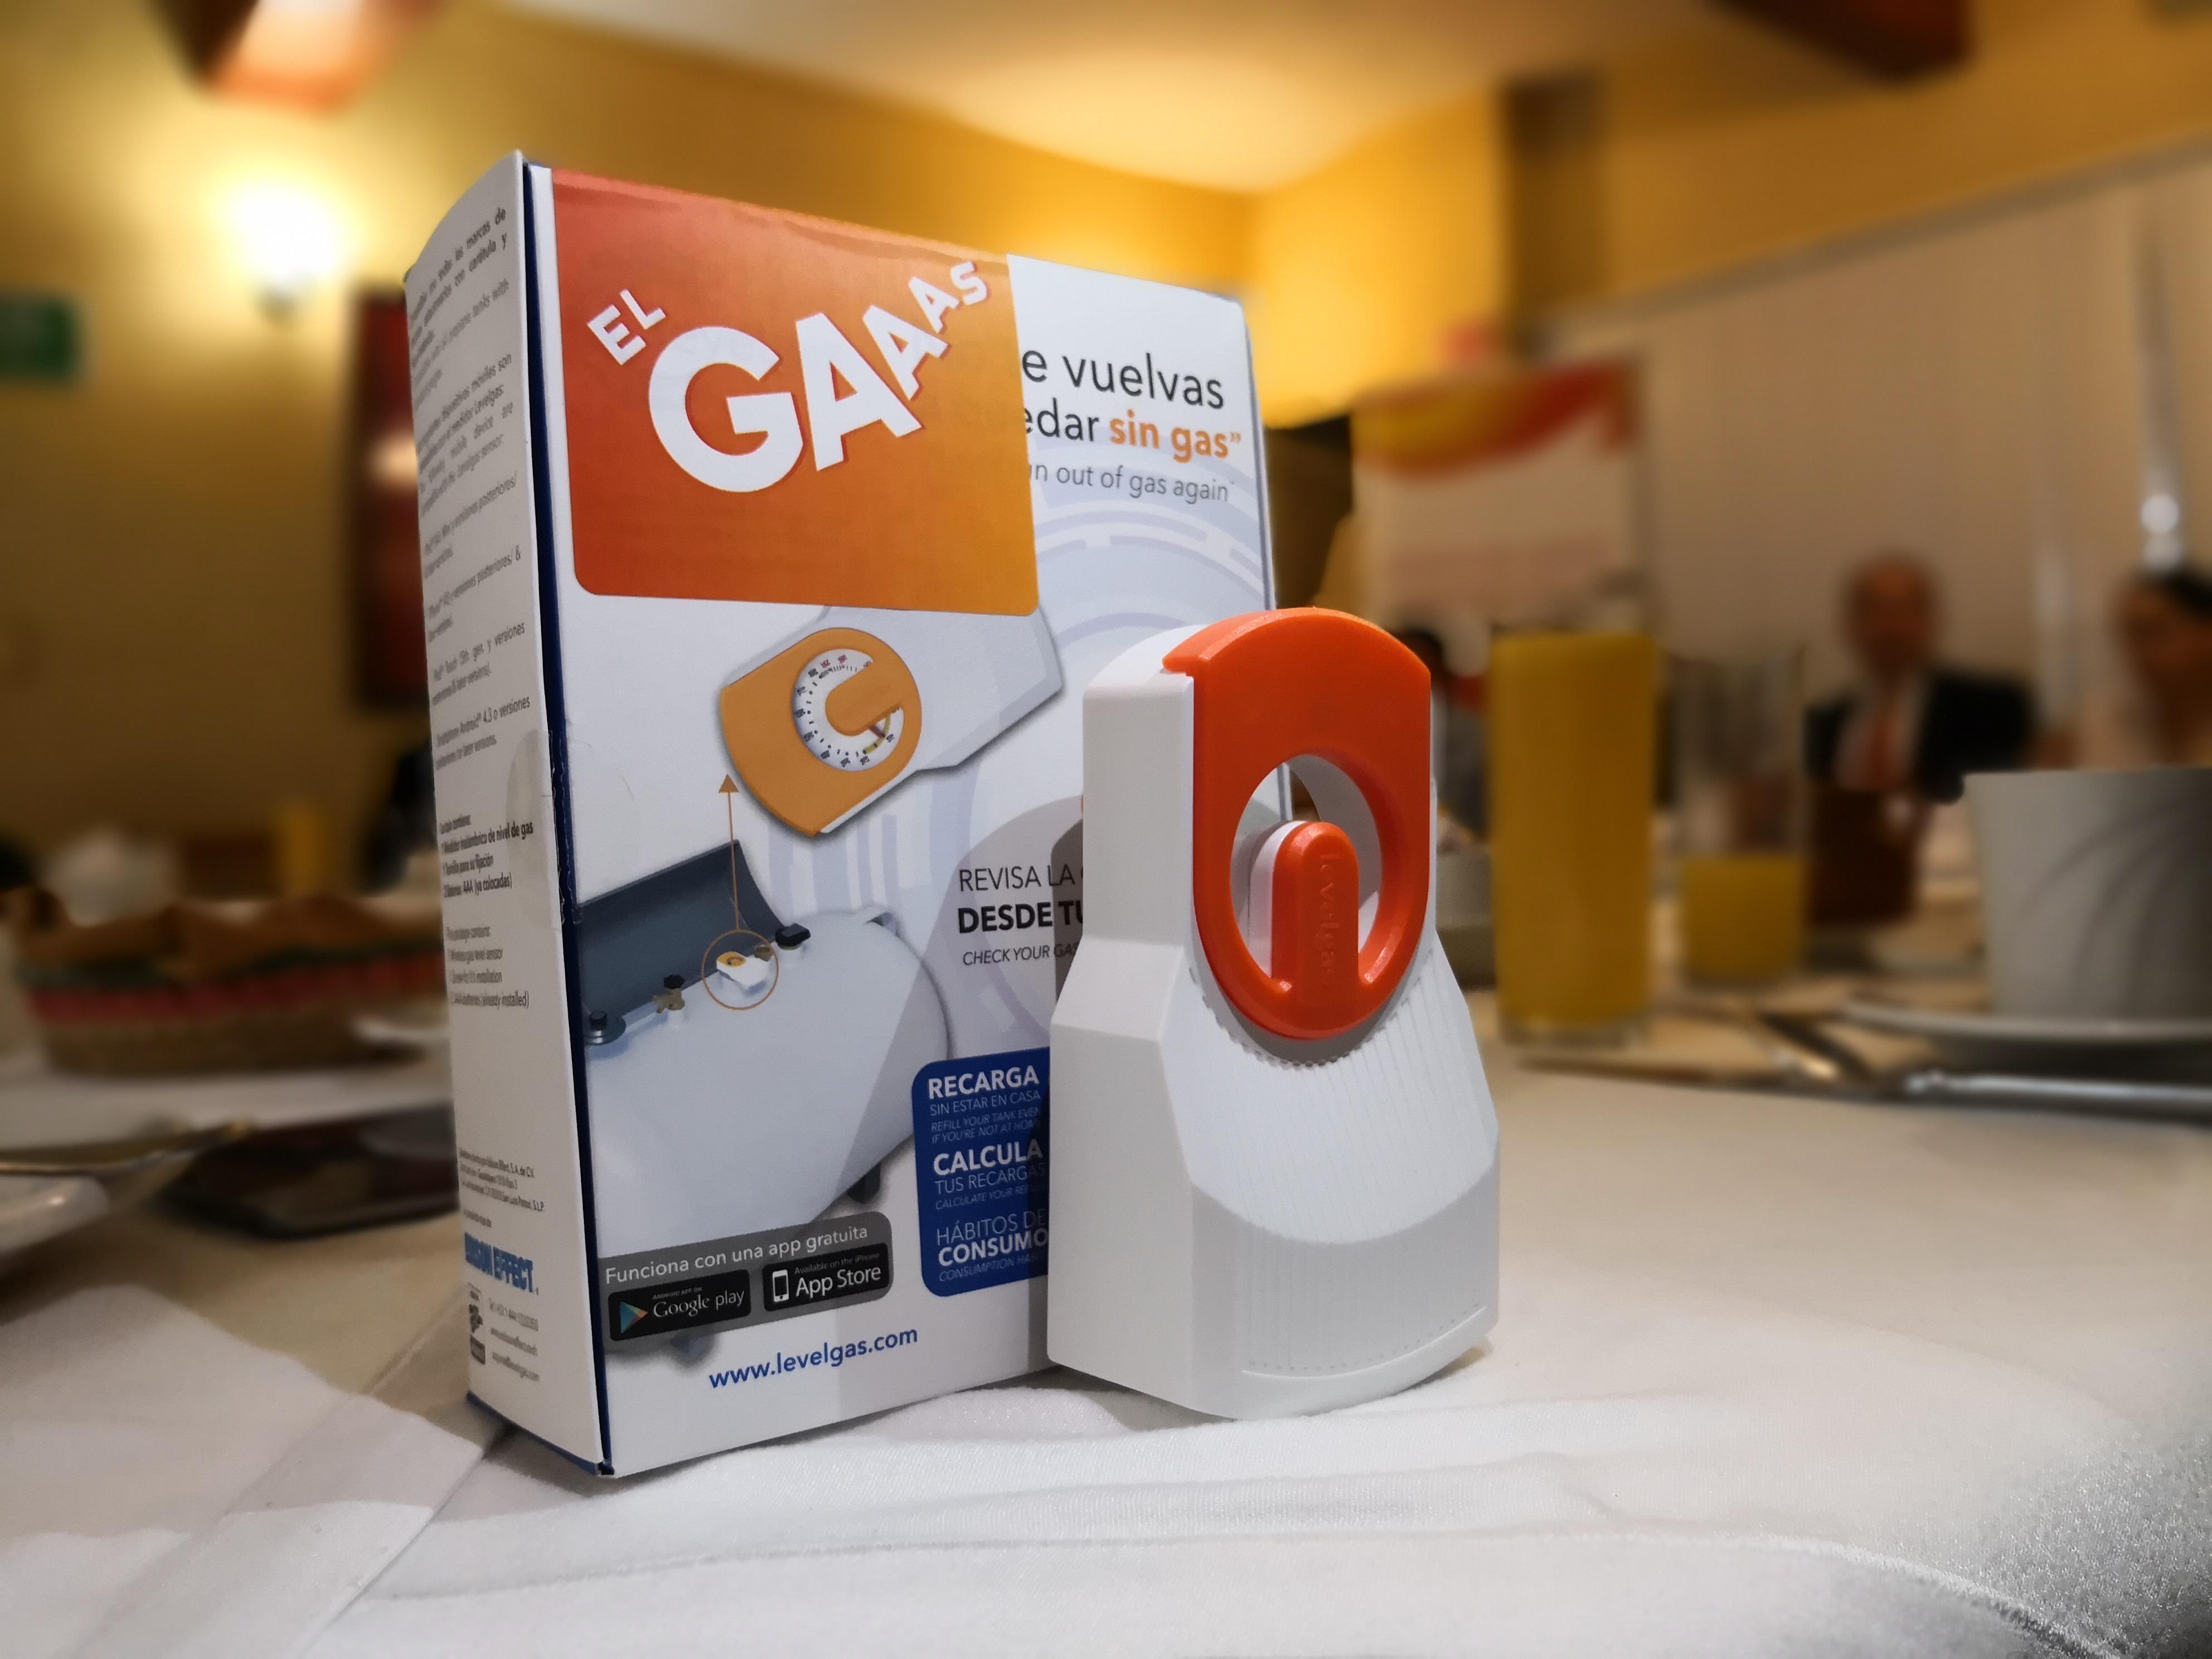 Este app te avisa cuando se te acaba 'El Gaaas' y dónde puedes comprar más